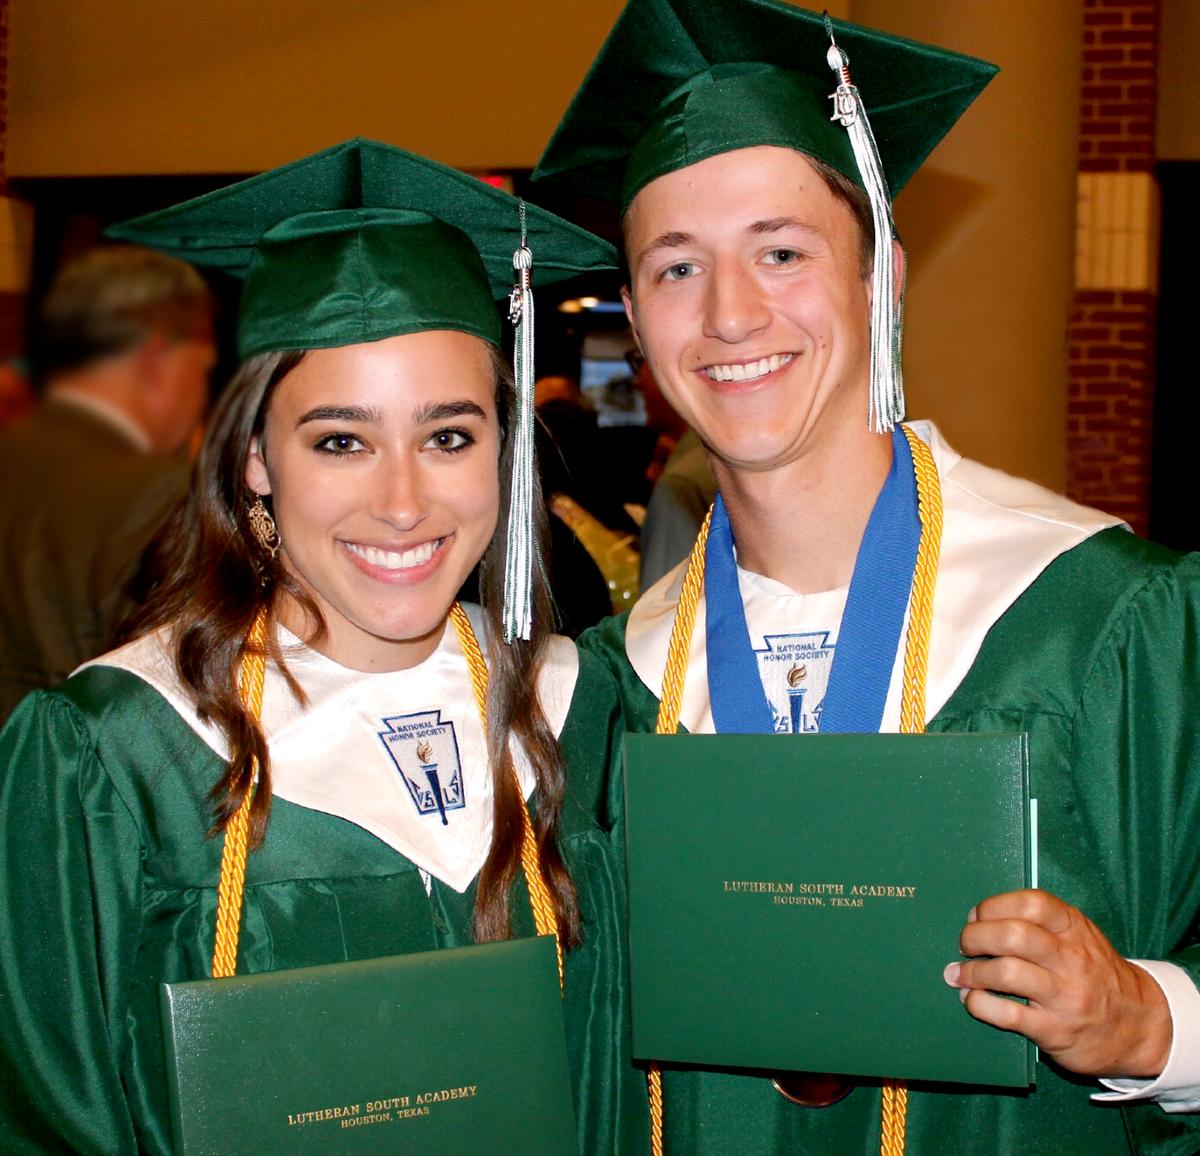 lsa graduates